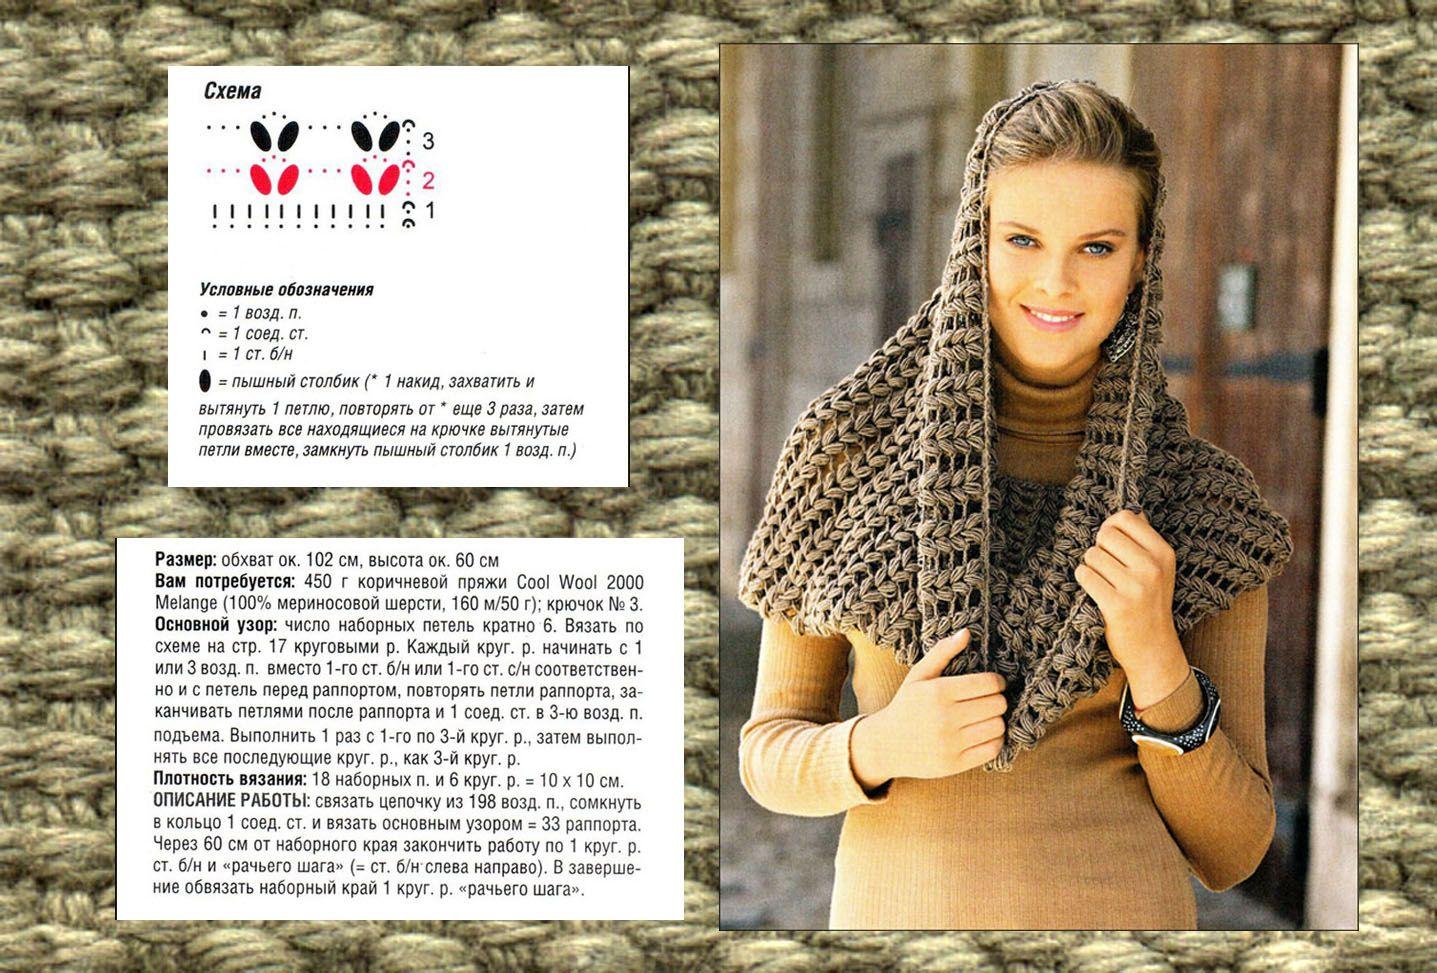 Вяжем шарф-хомут: инструкция и схема